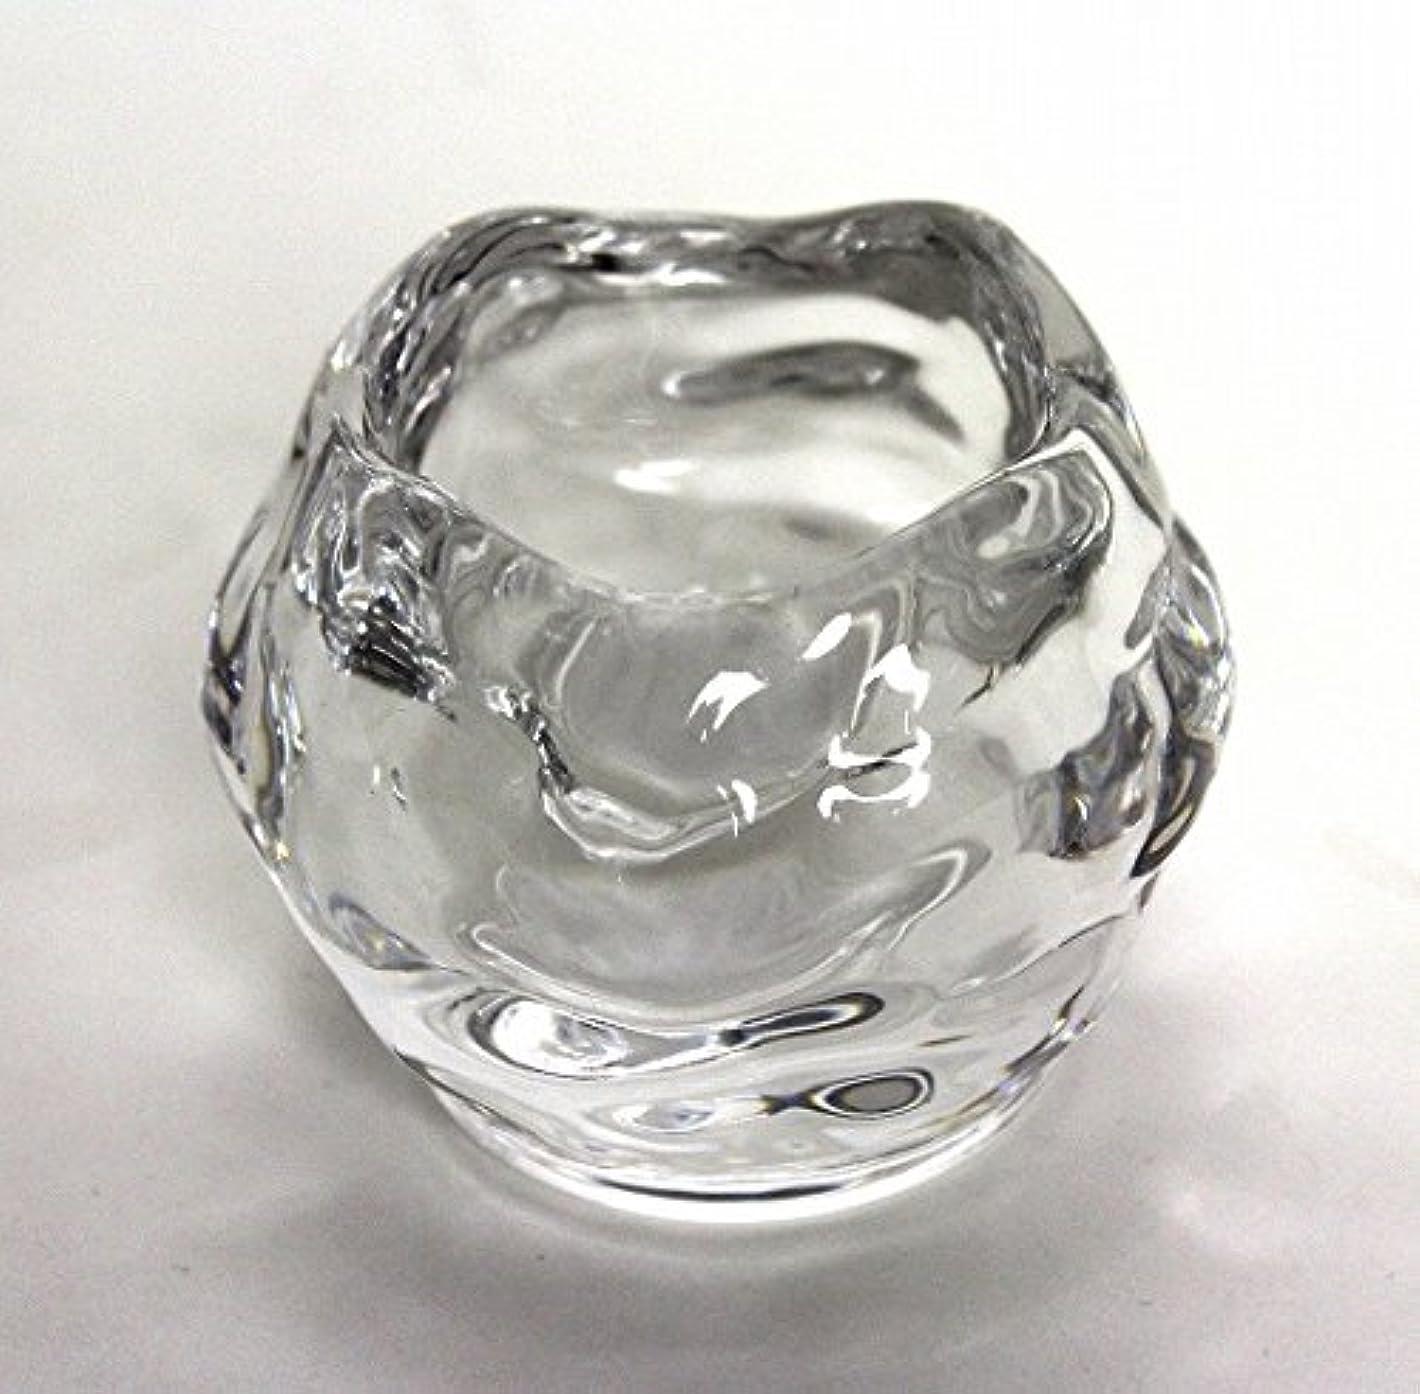 マネージャー受粉者困惑するカメヤマキャンドル(kameyama candle) ロックアイス